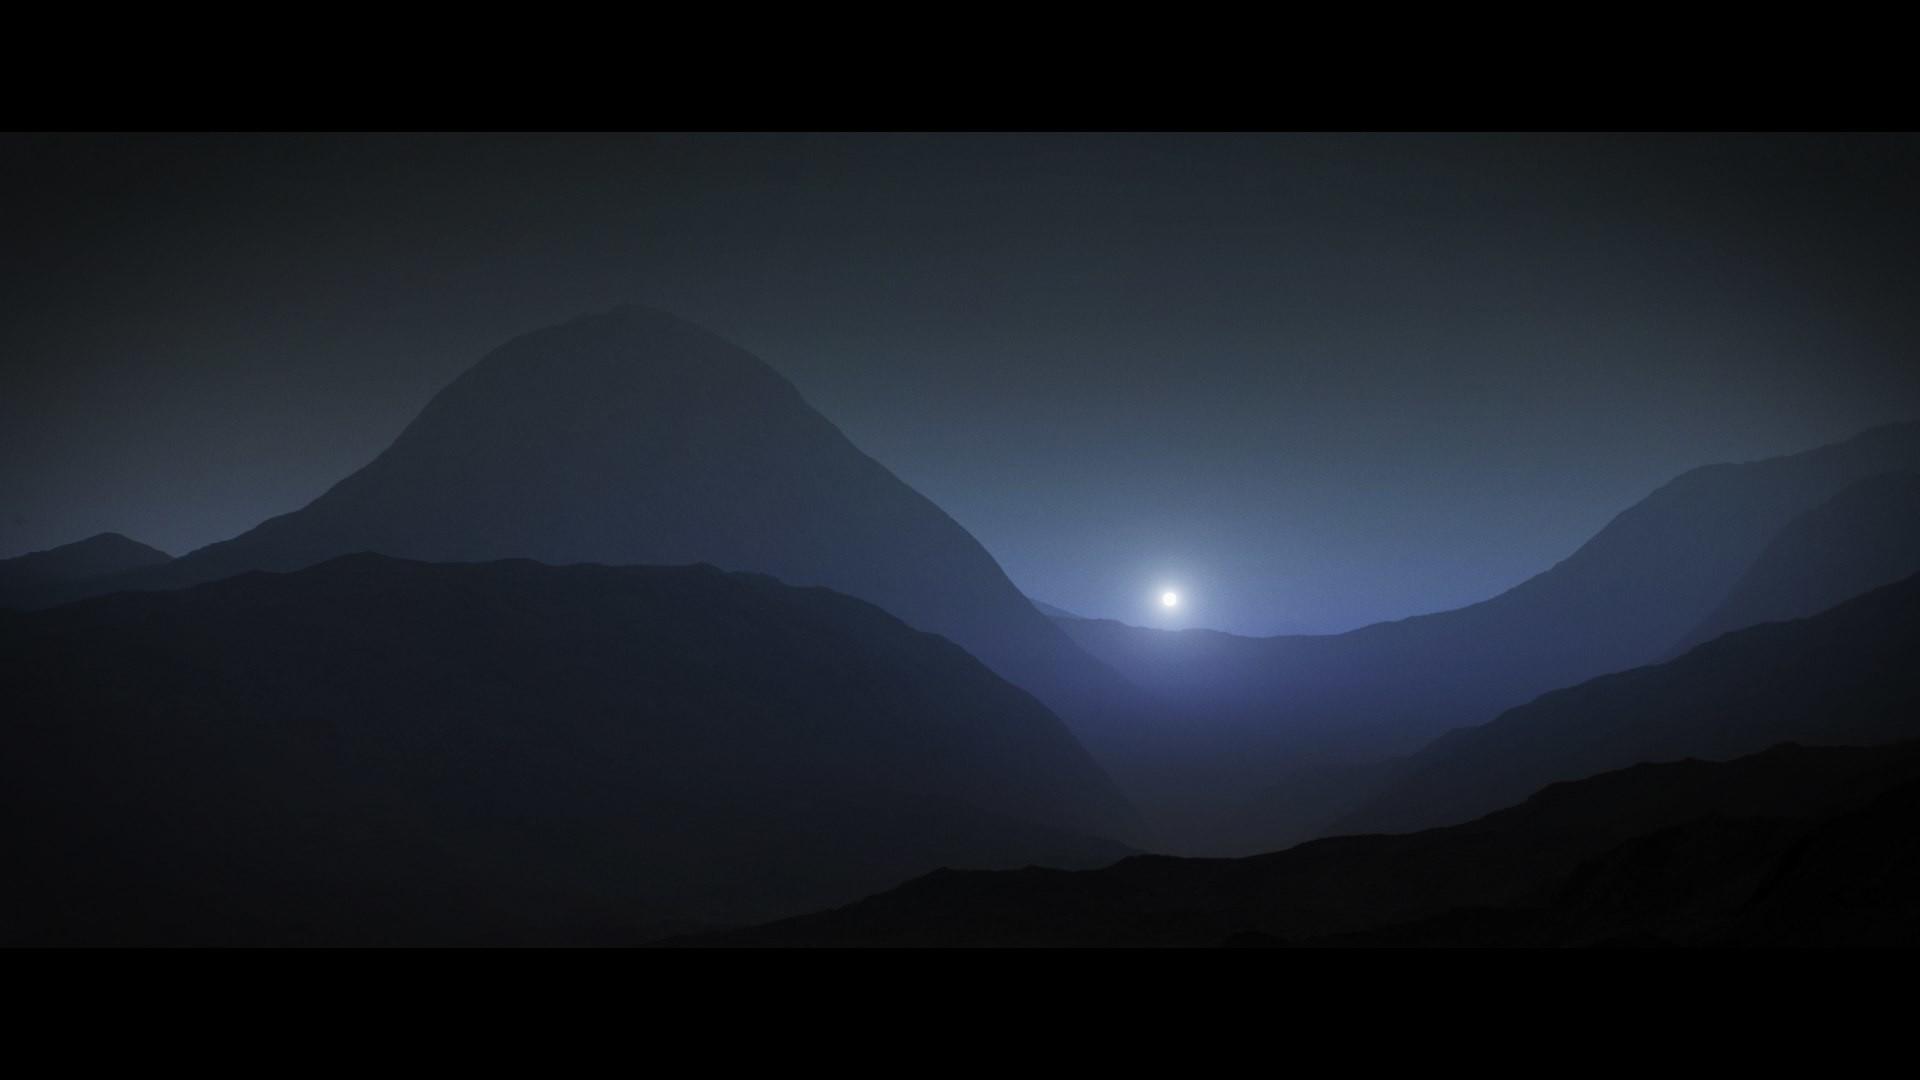 Mars sunset timelapse